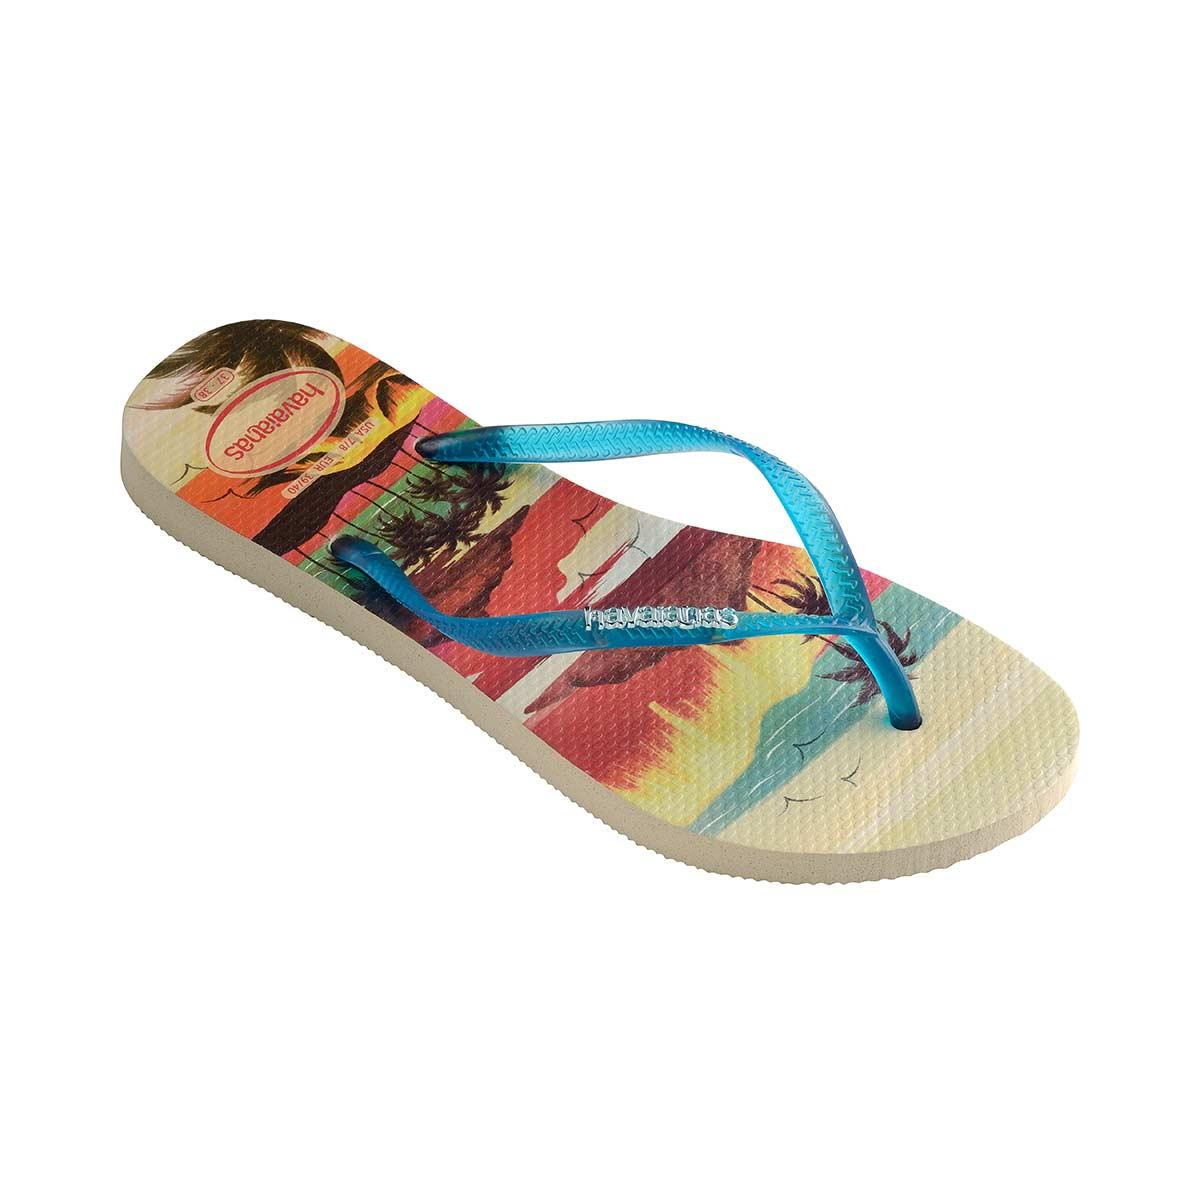 d8ac3432d8 Chanclas de playa cómodas de mujer - Havaianas nueva colección